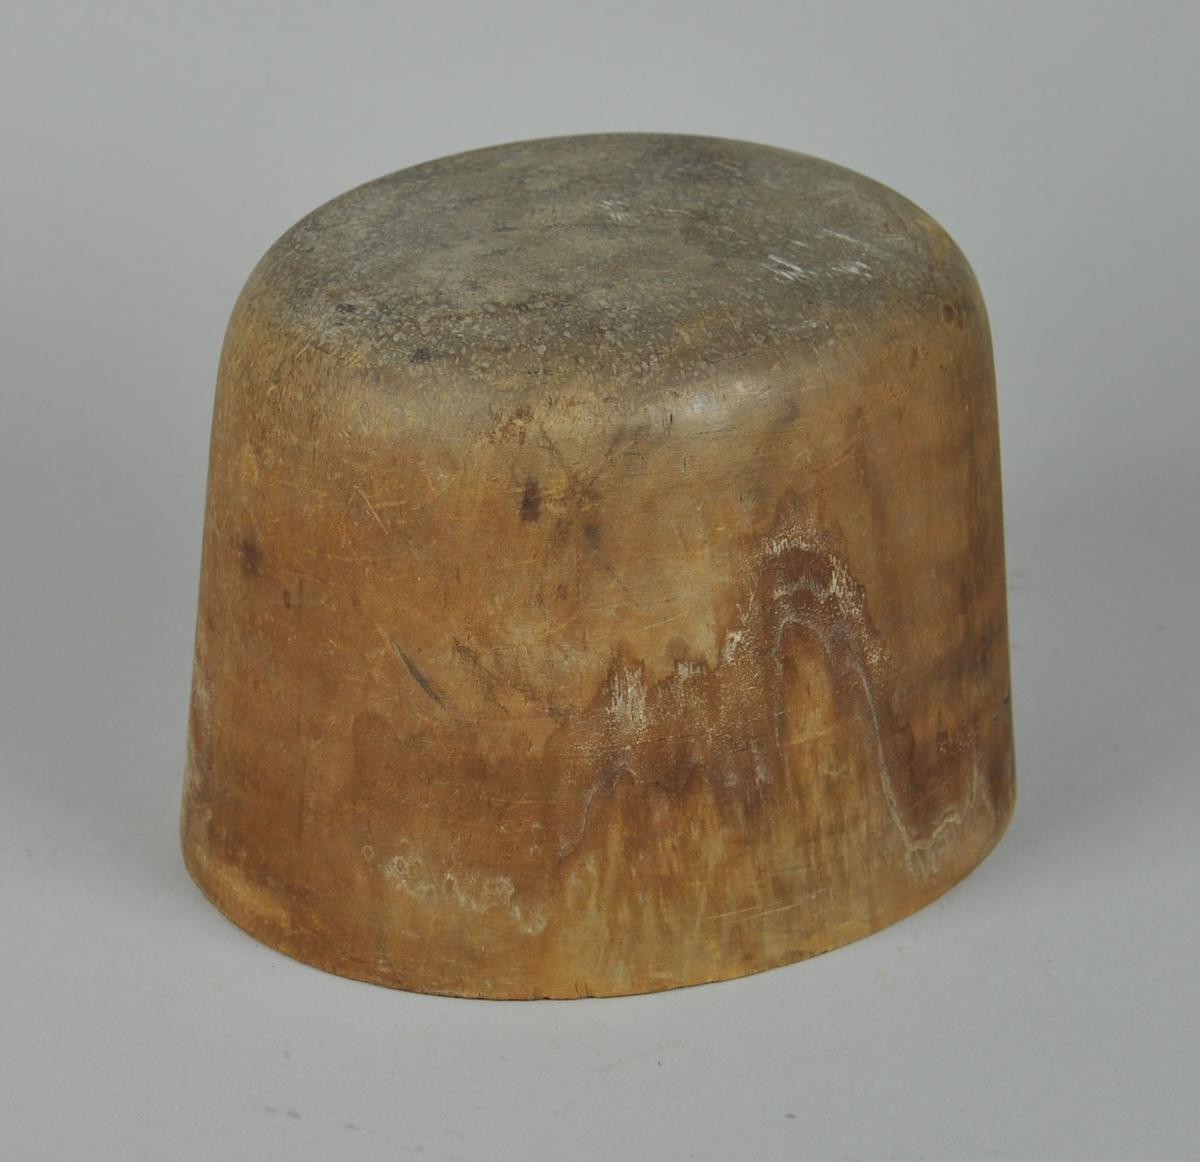 Ovalt sylinderformet hatteblokk med avrundet topp. Det er tre hull på undersiden for skruefeste.